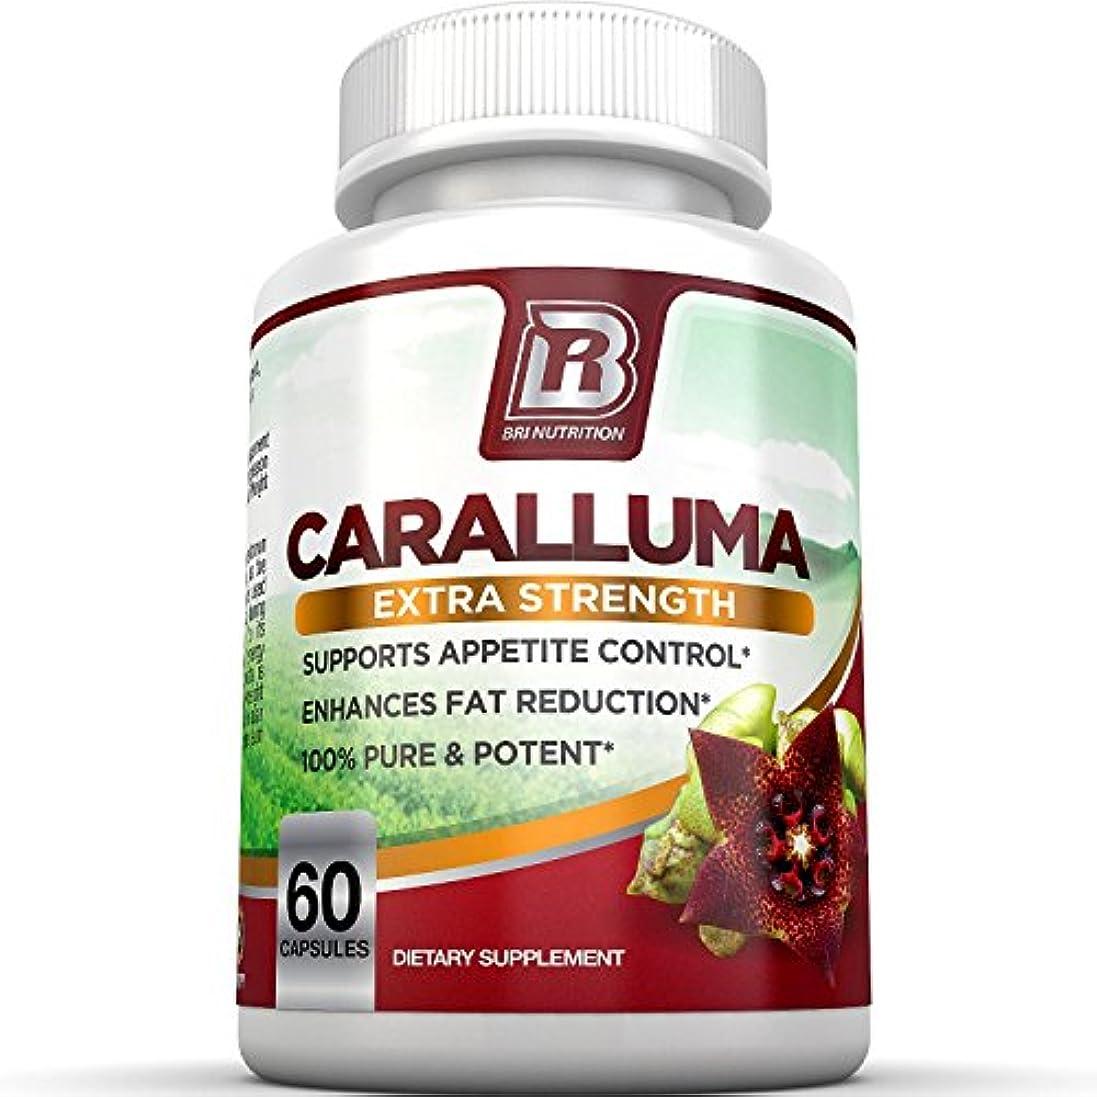 少ない共感するありふれたBRI栄養カラルマFimbriata - 20 : 1エキス最大耐力?サプリメント - 30日サプライ60ctベジカプセル - ピュアインドカラルマFimbriataから作りました BRI Nutrition Caralluma...